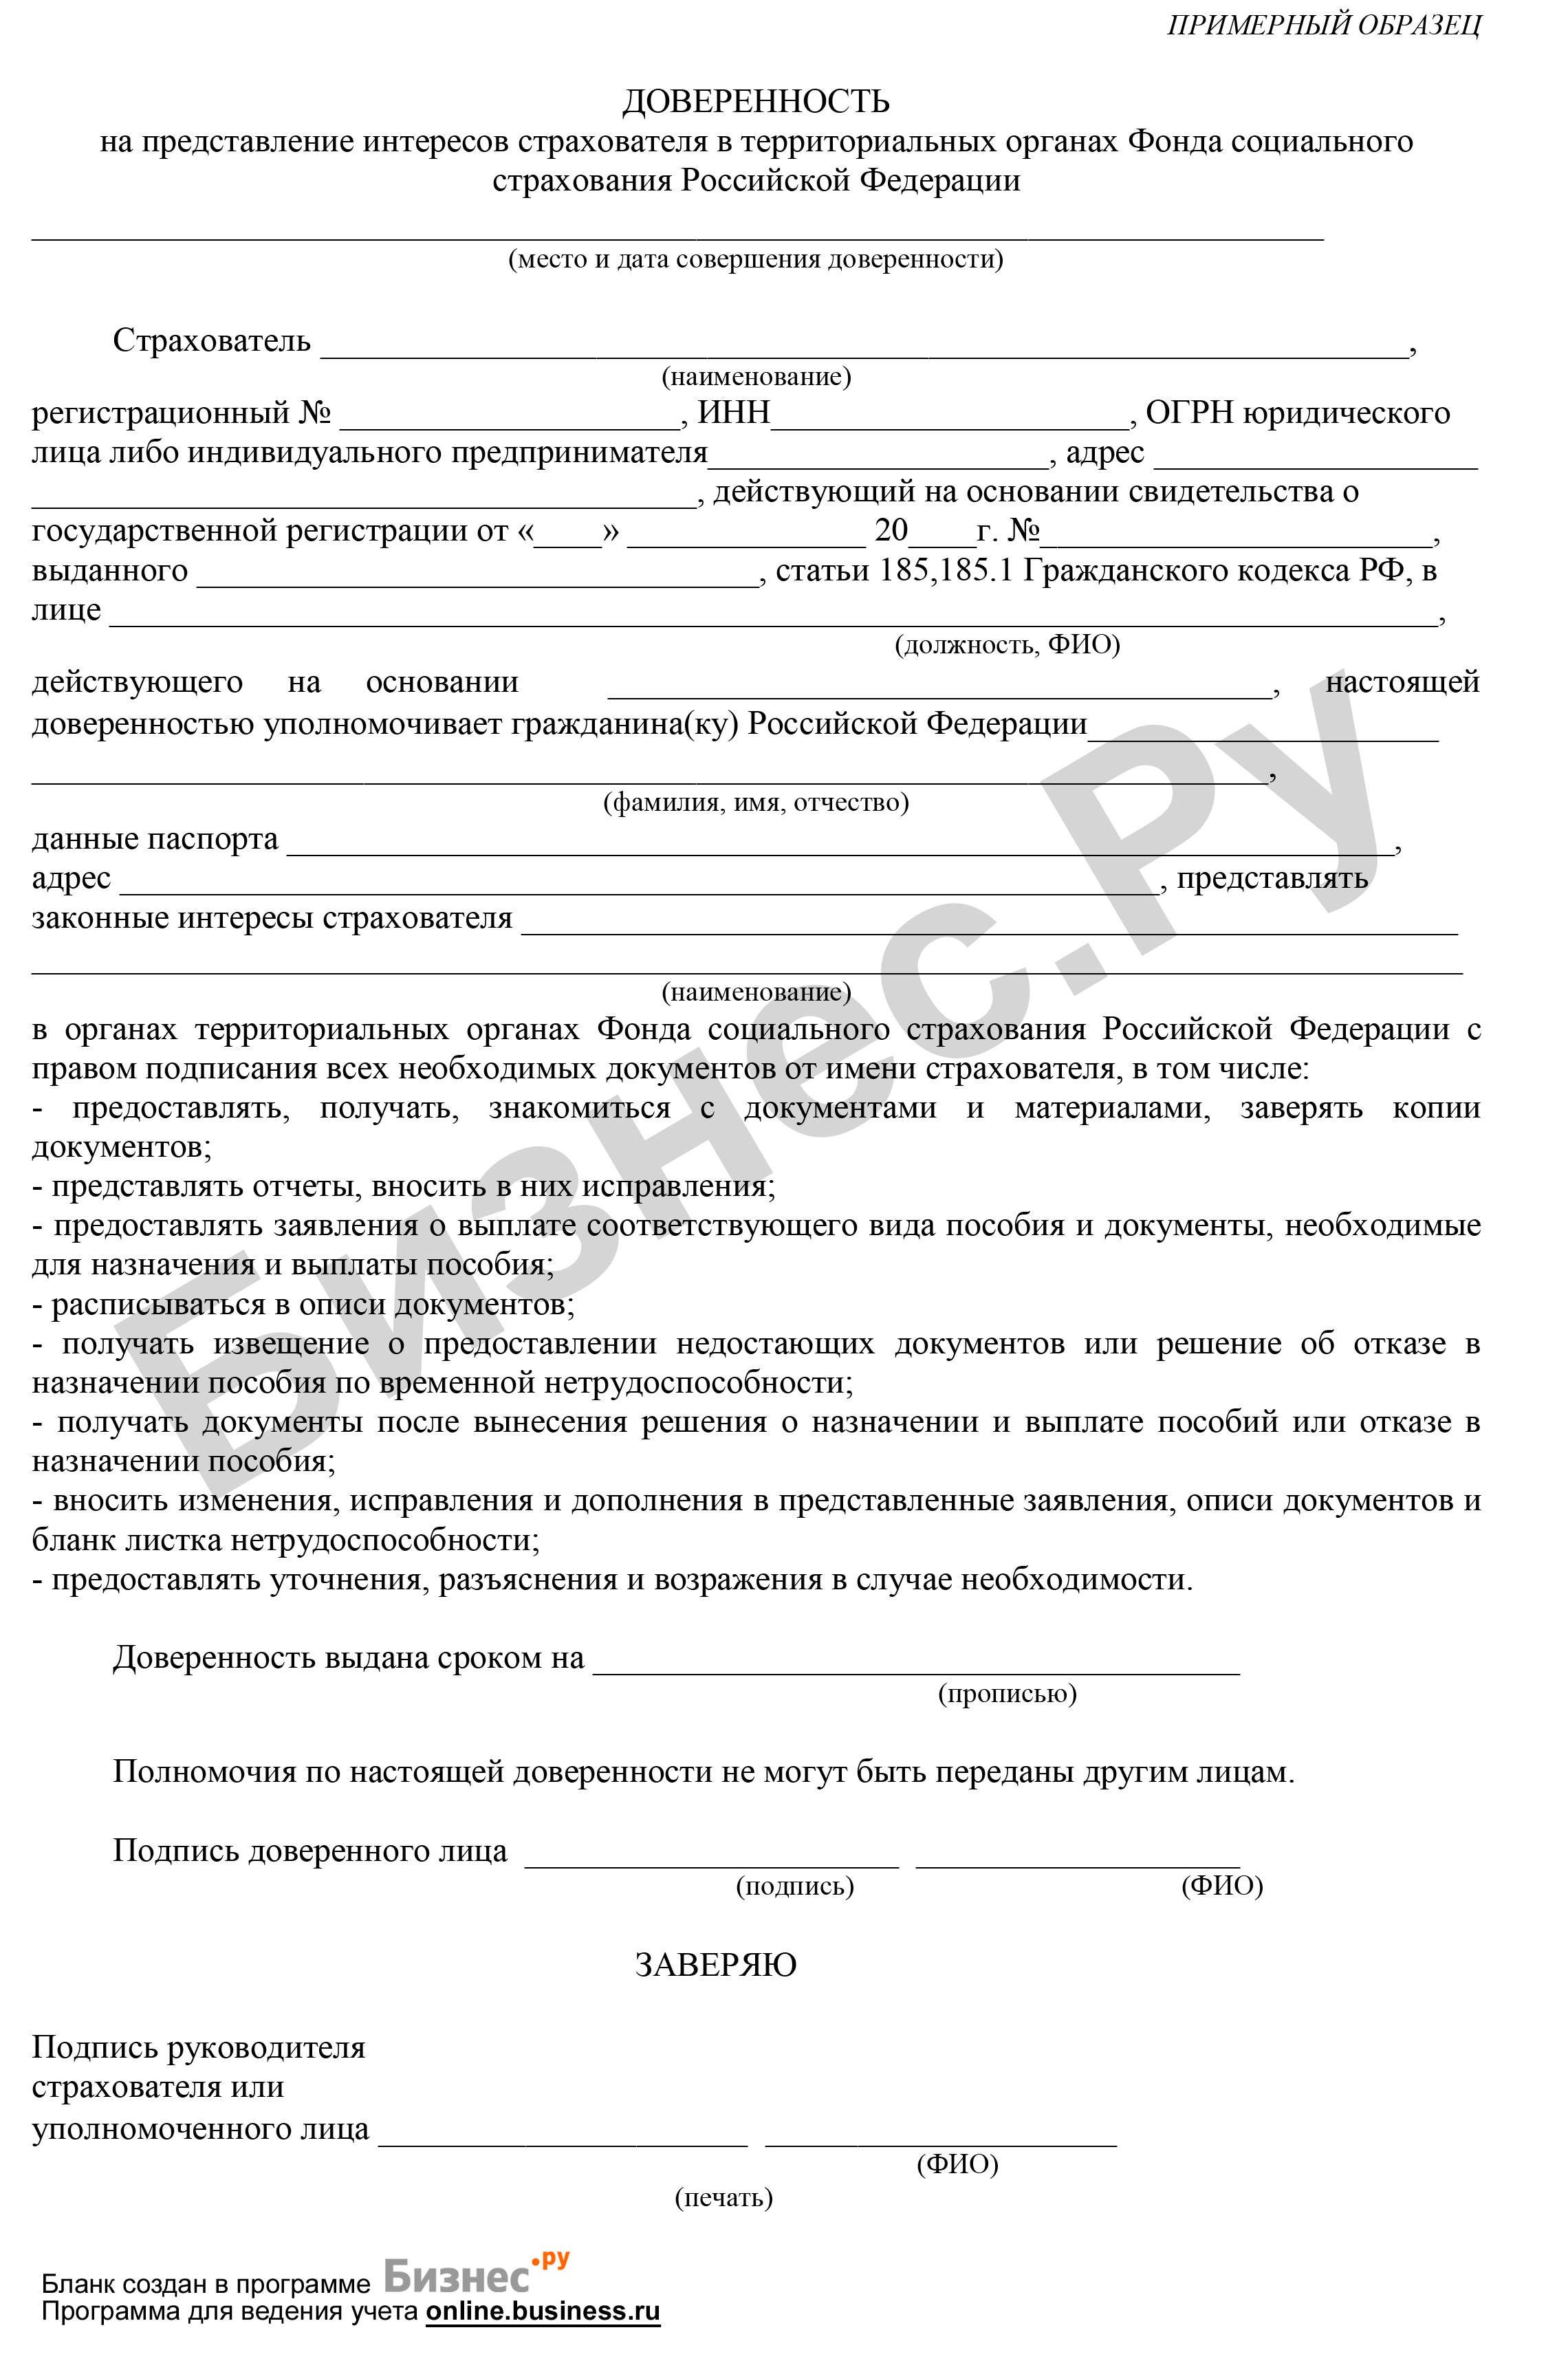 Должностная инструкция Главного Бухгалтера бланк